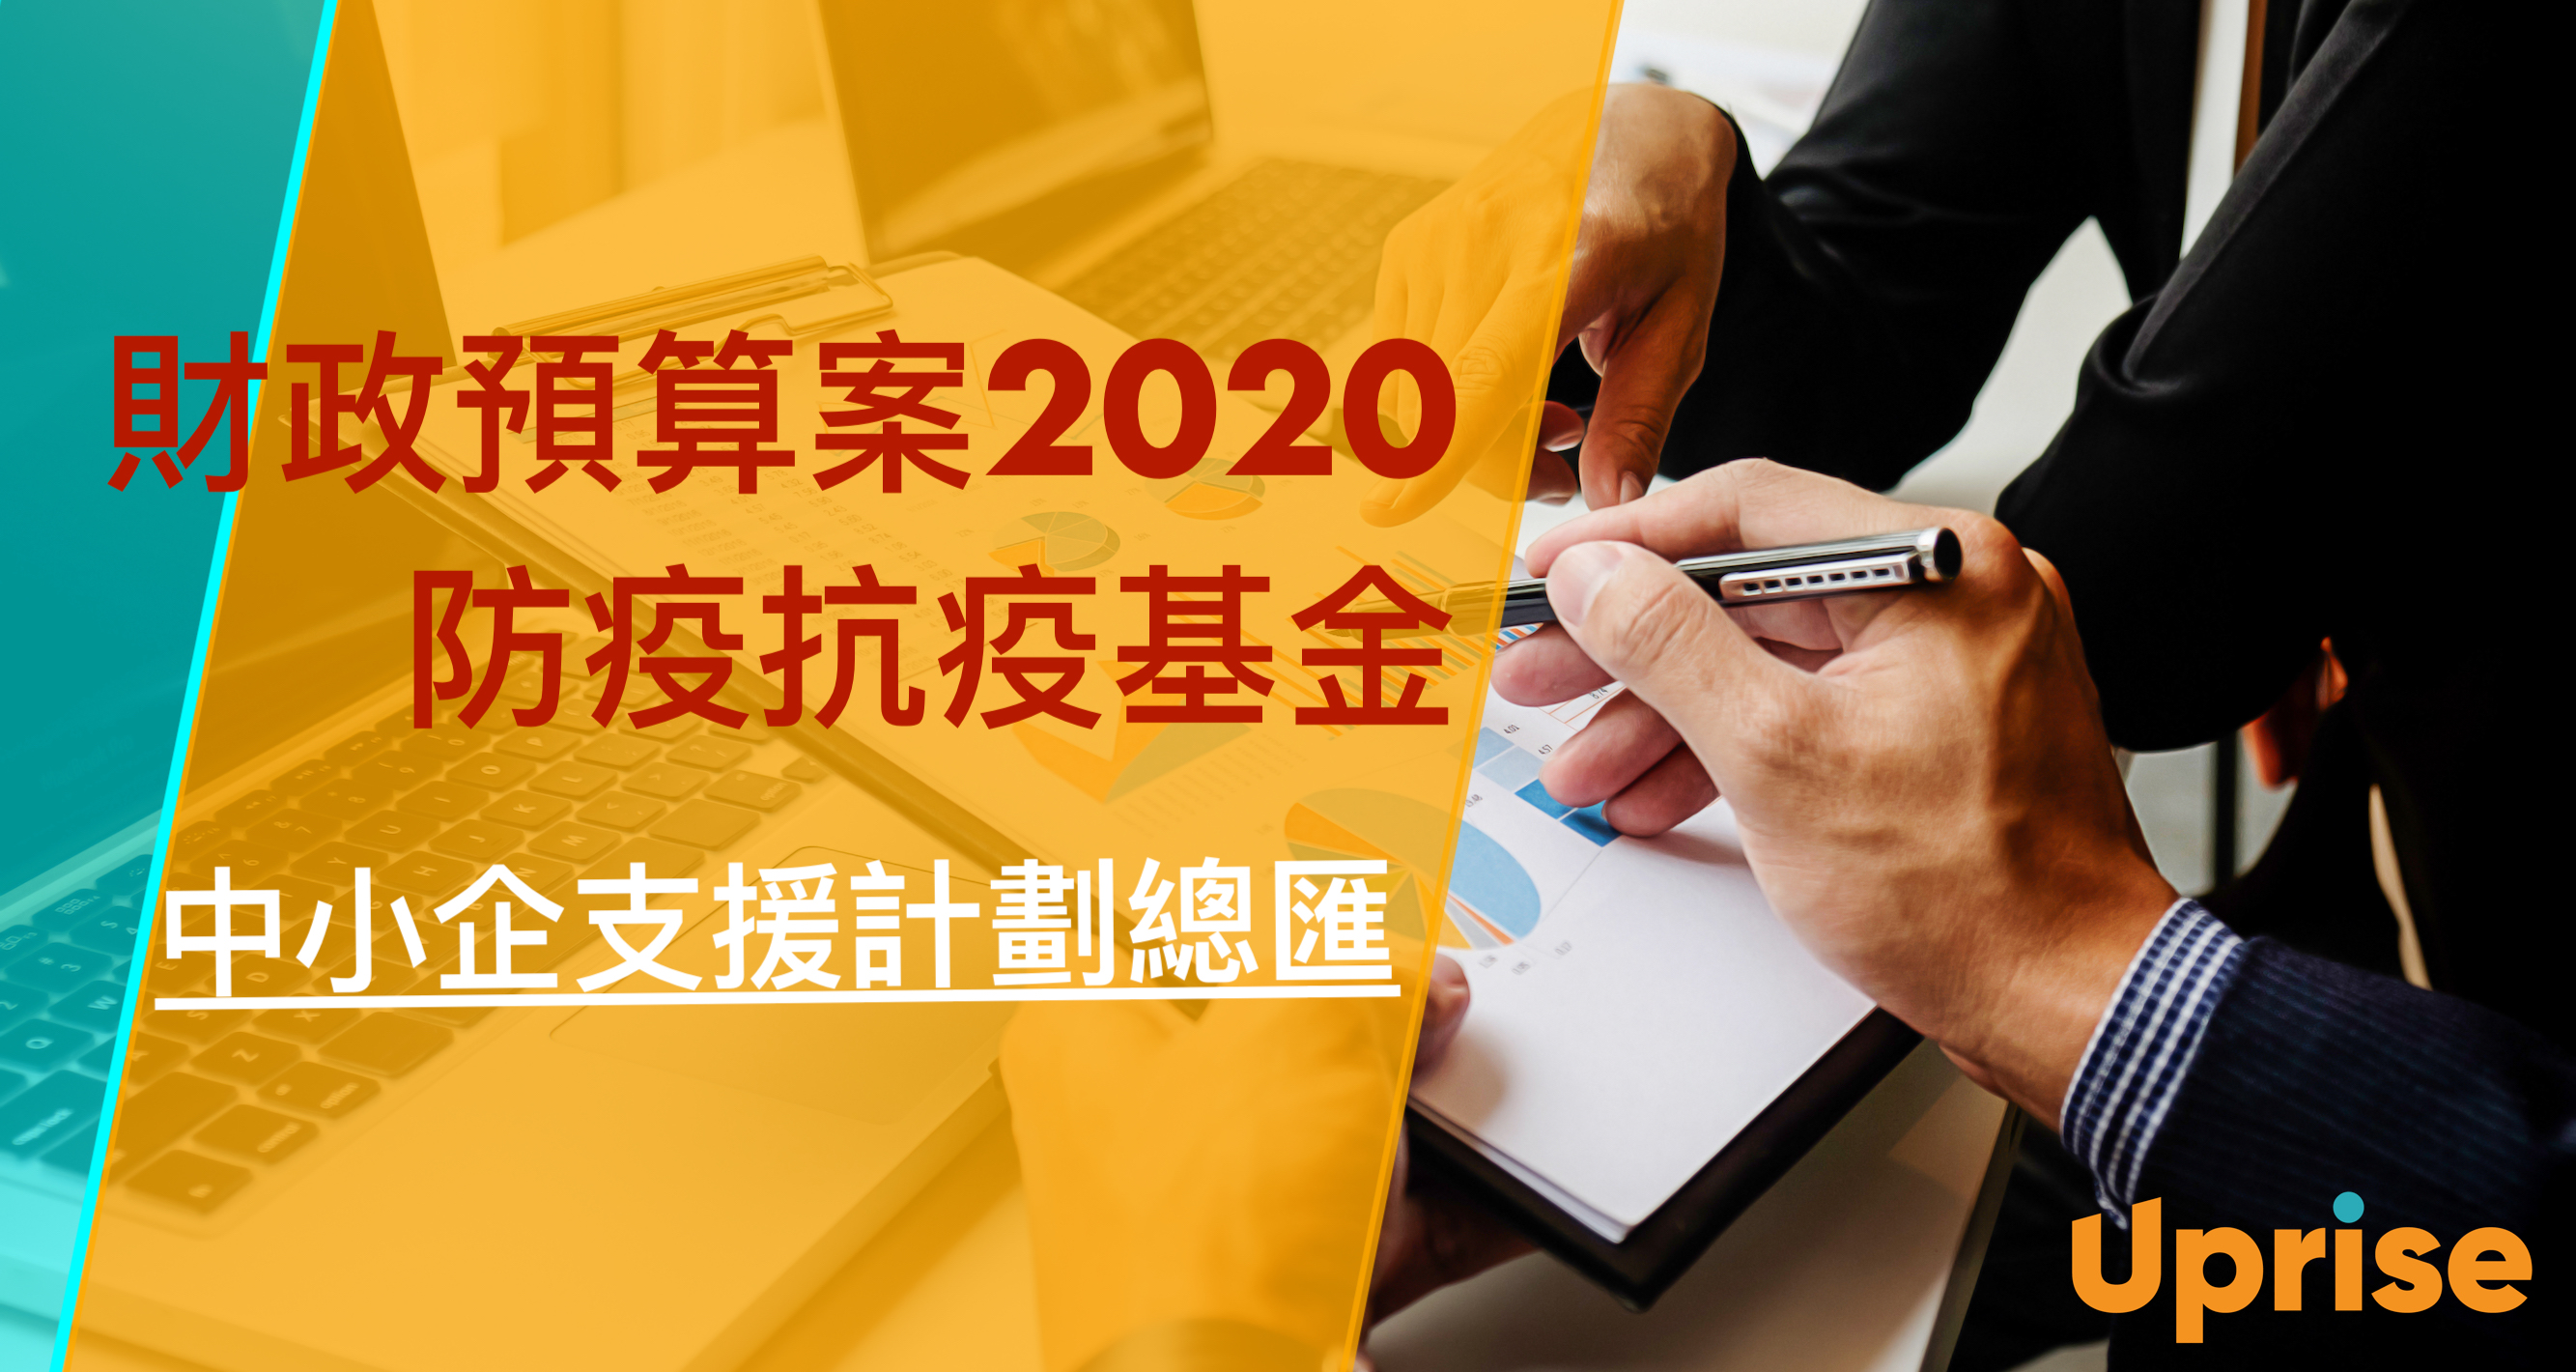 【香港中小企資助】財政預算案2020/防疫抗疫基金|中小企支援計劃總匯 | 營商資訊 | Uprise Credit